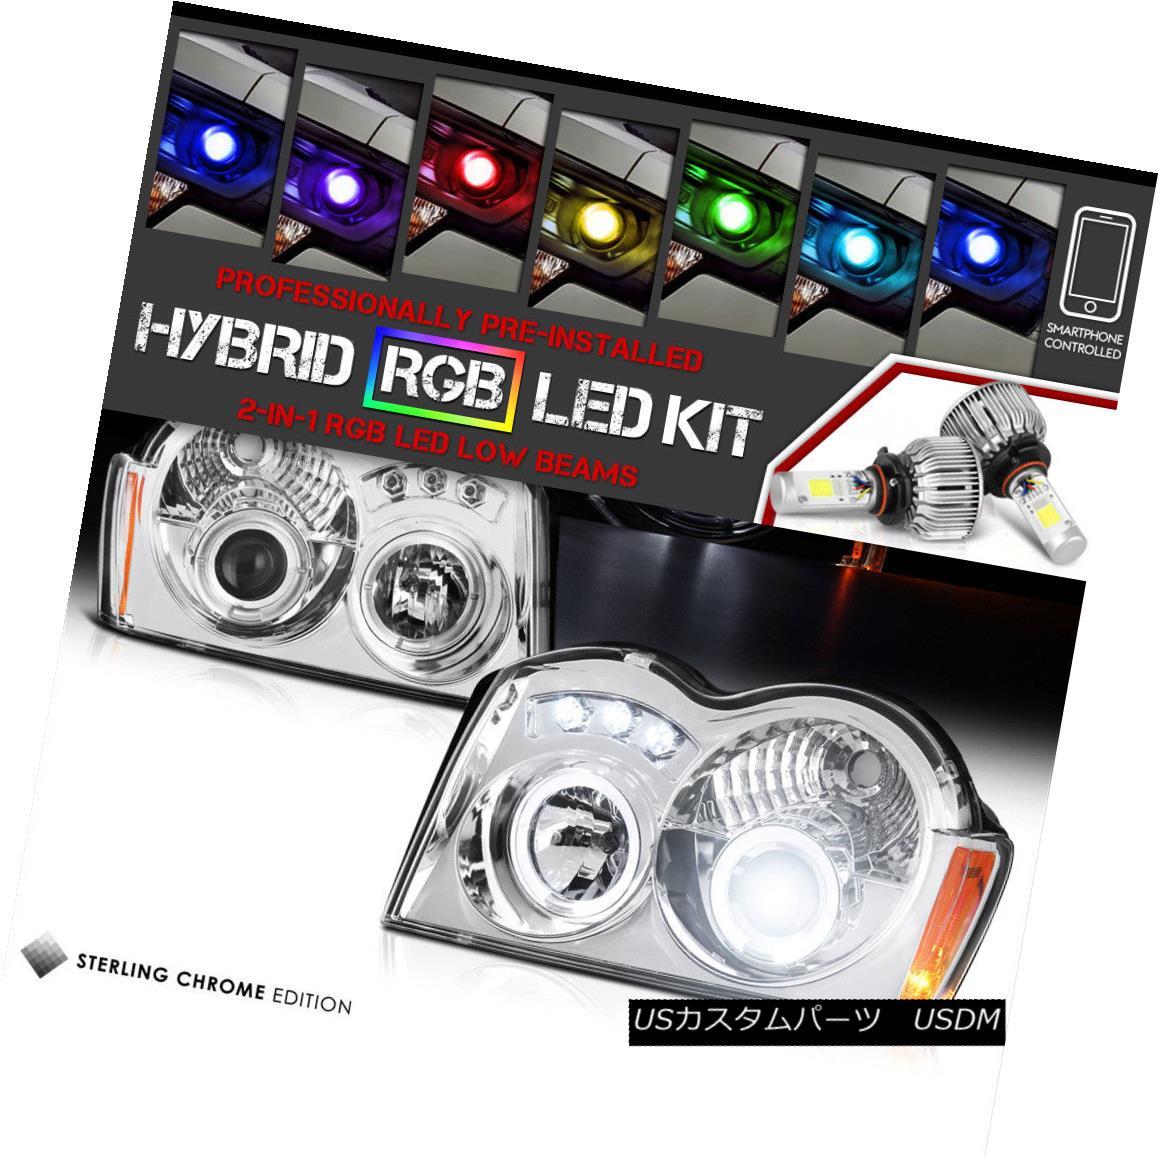 ヘッドライト [Color Changing LED Low Beam] 05-07 Jeep Grand Cherokee WK 4X4 Angel Headlights [色を変えるLEDロービーム] 05-07ジープグランドチェロキーWK 4X4エンジェルヘッドライト